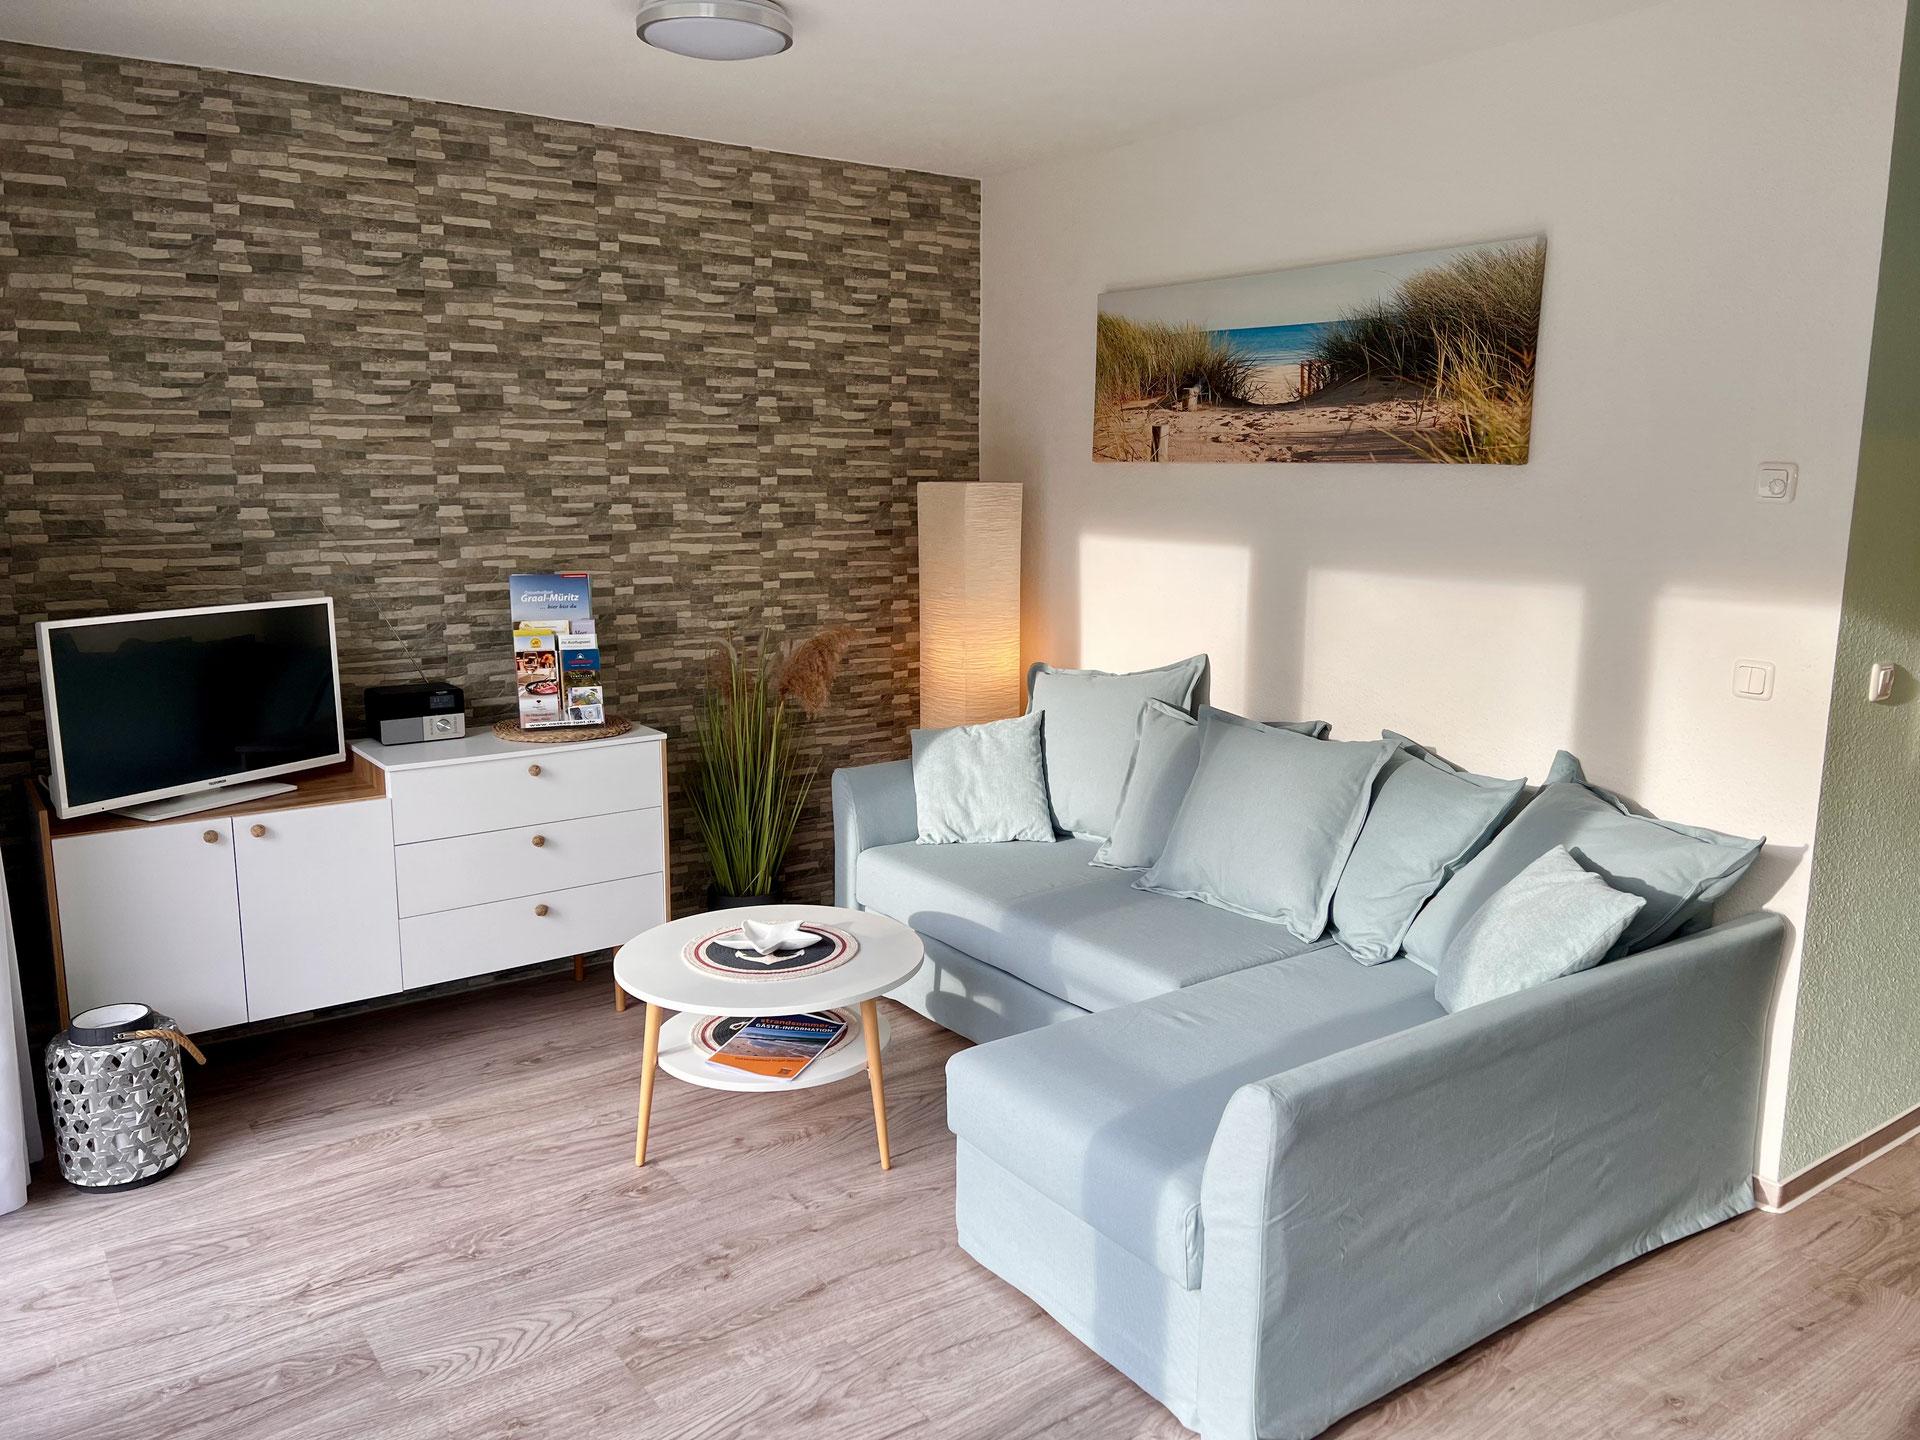 willkommen im urlaub an der ostsee ostsee igels webseite. Black Bedroom Furniture Sets. Home Design Ideas